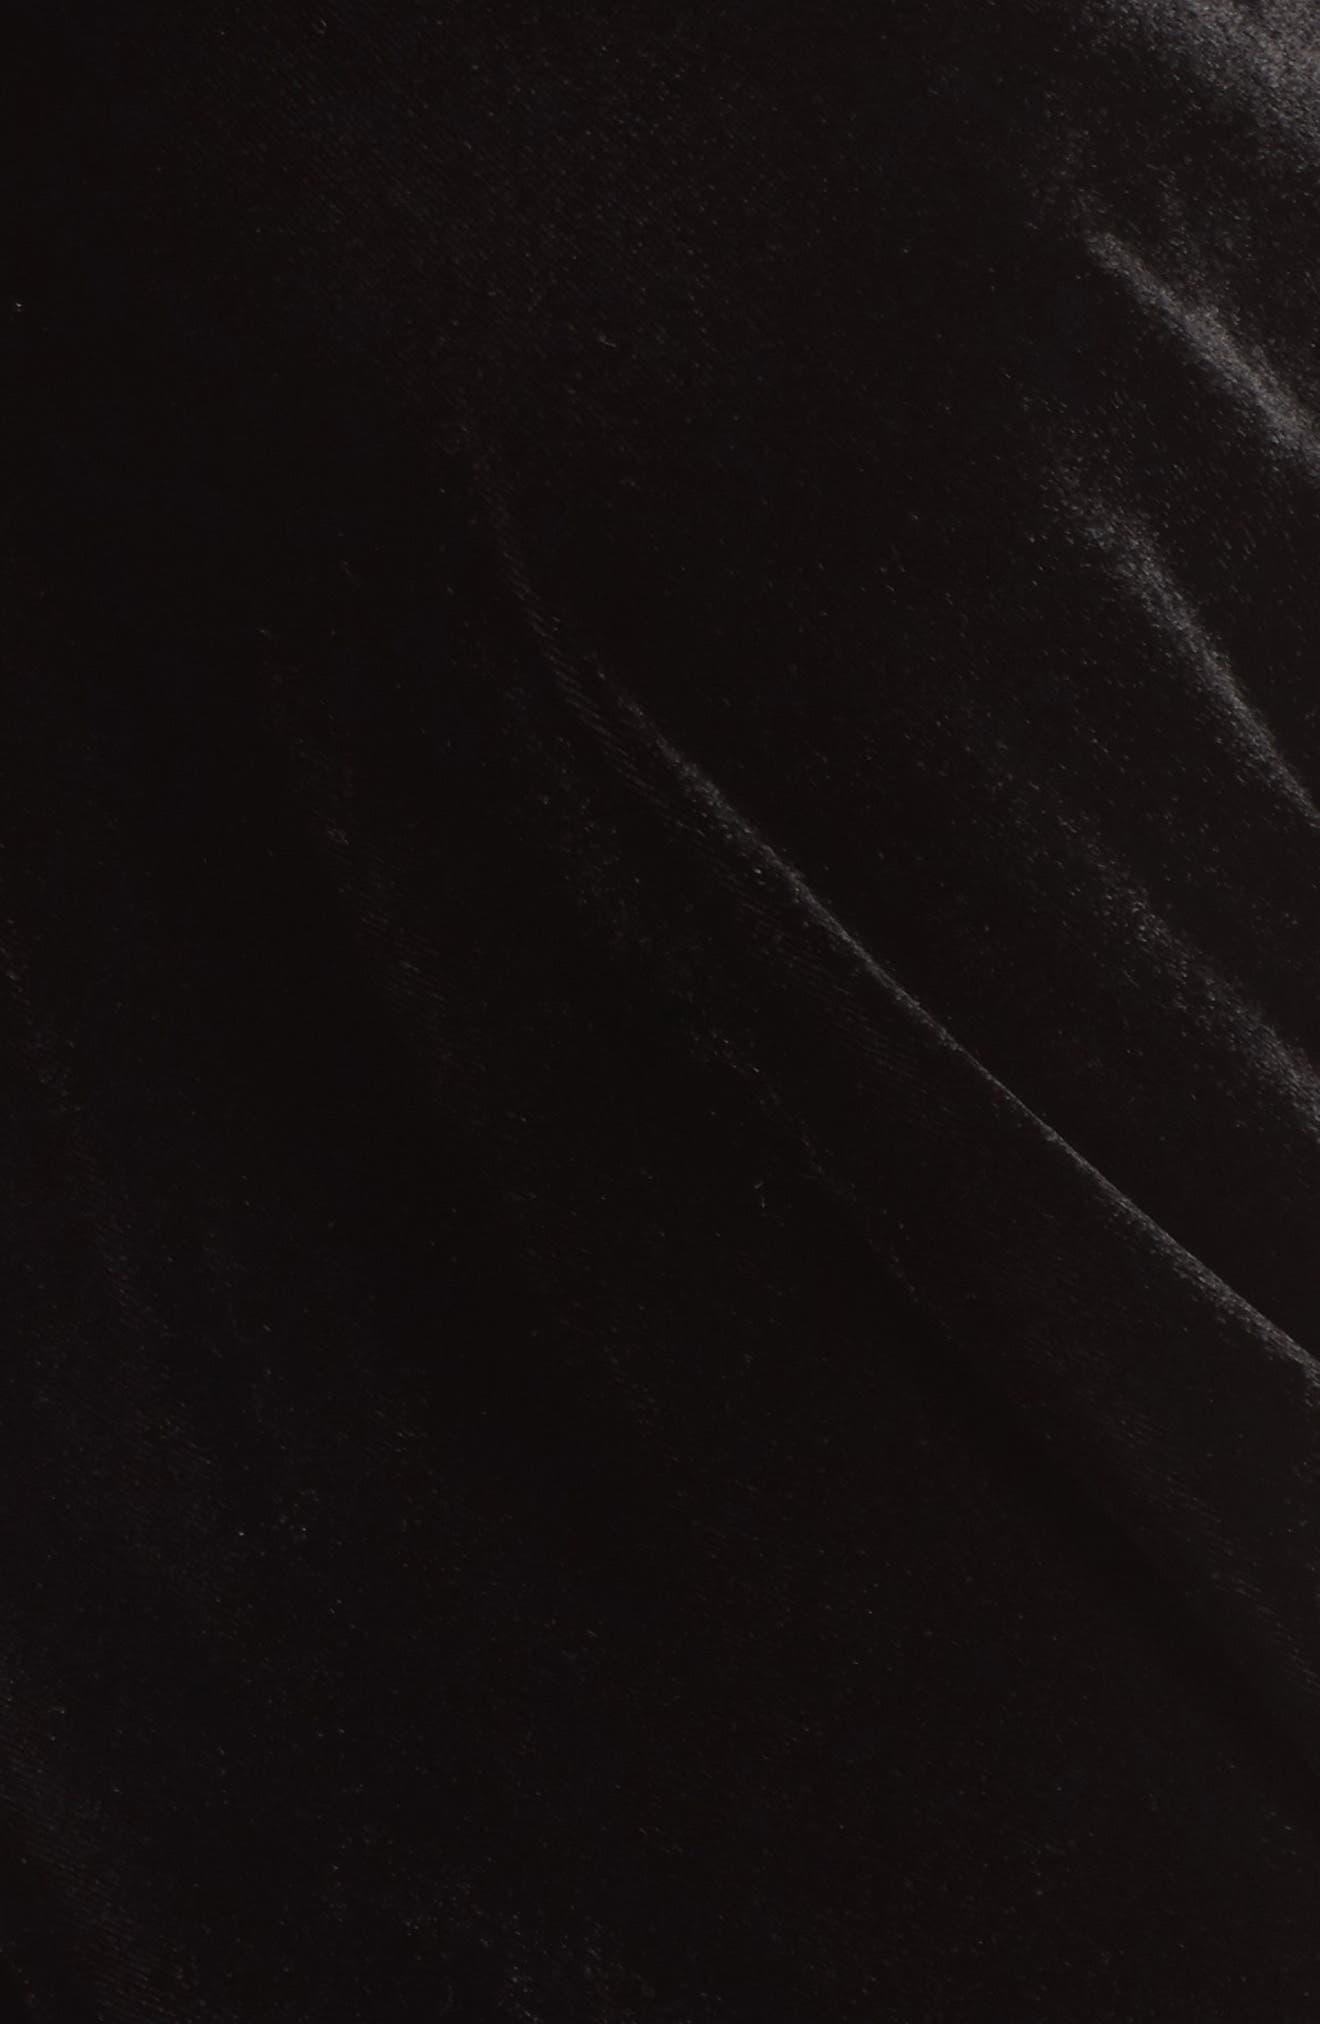 Kenneth Cole Velvet Drape Tank Top,                             Alternate thumbnail 5, color,                             Black